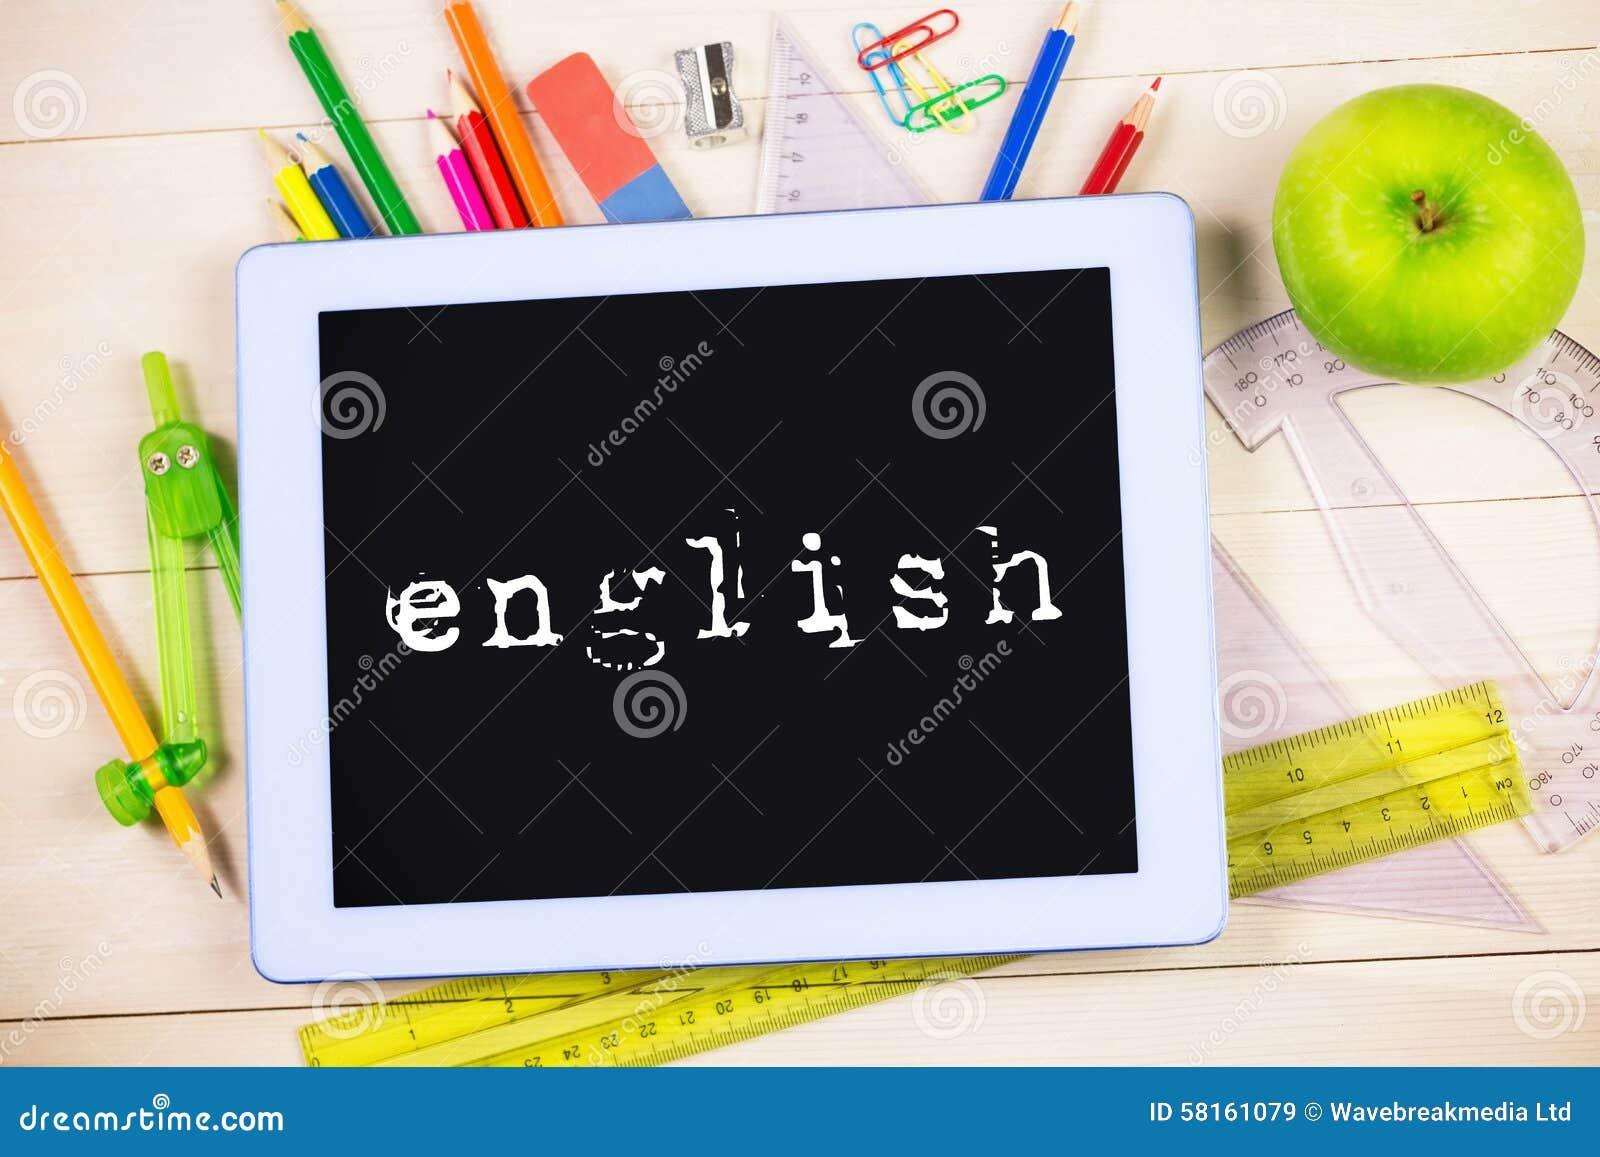 Englisch gegen Studententabelle mit Schulbedarf